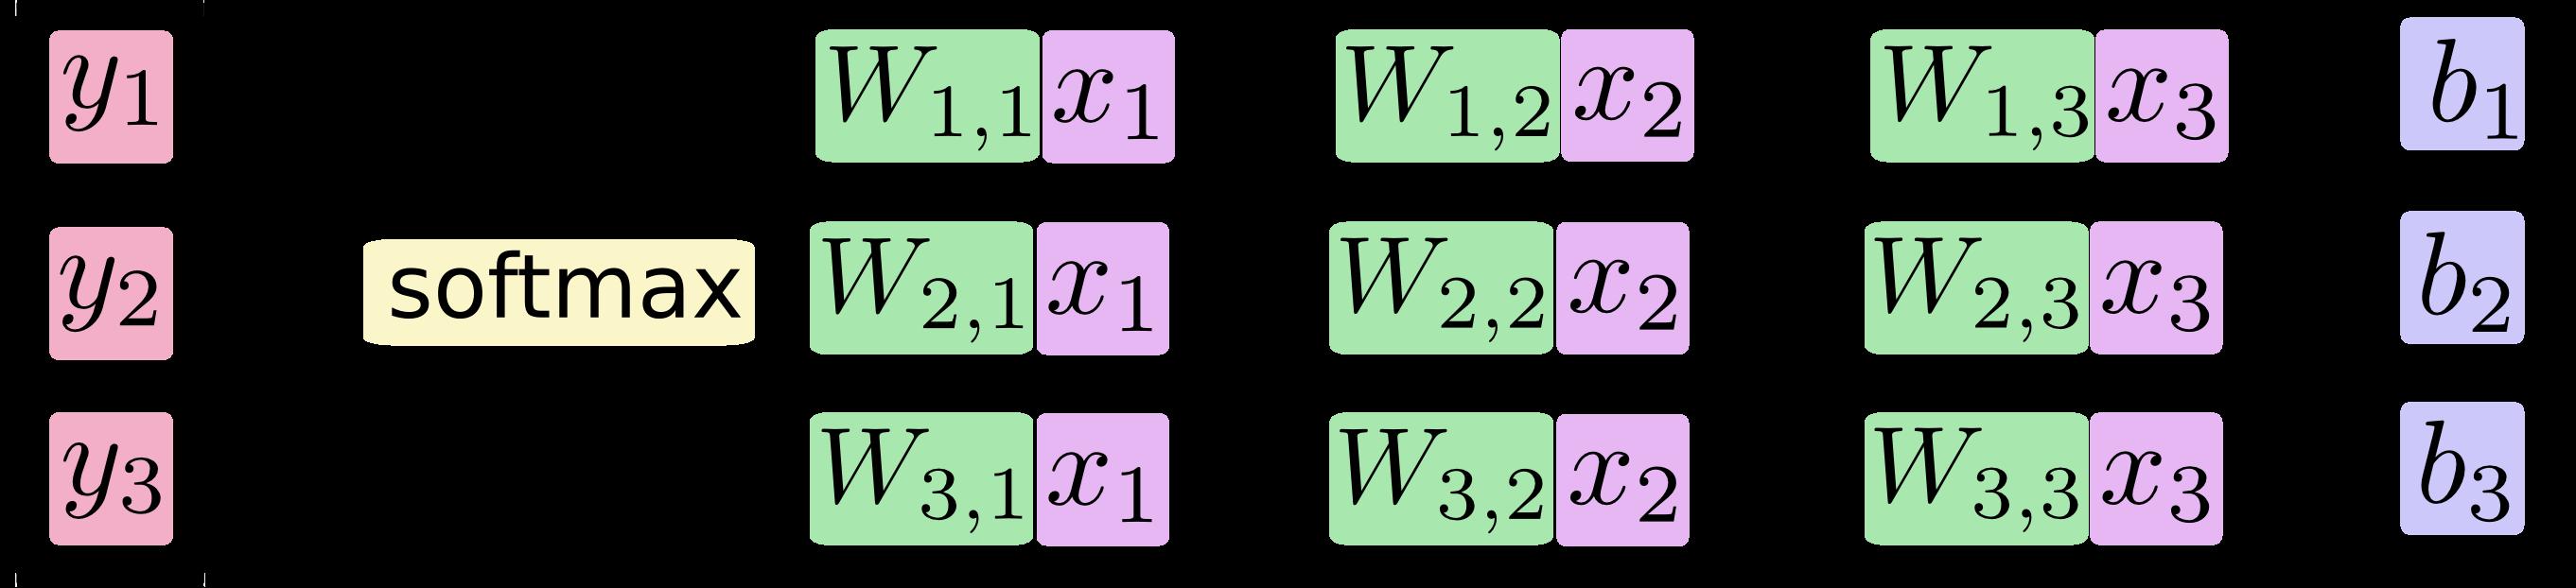 softmax-regression-scalarequation